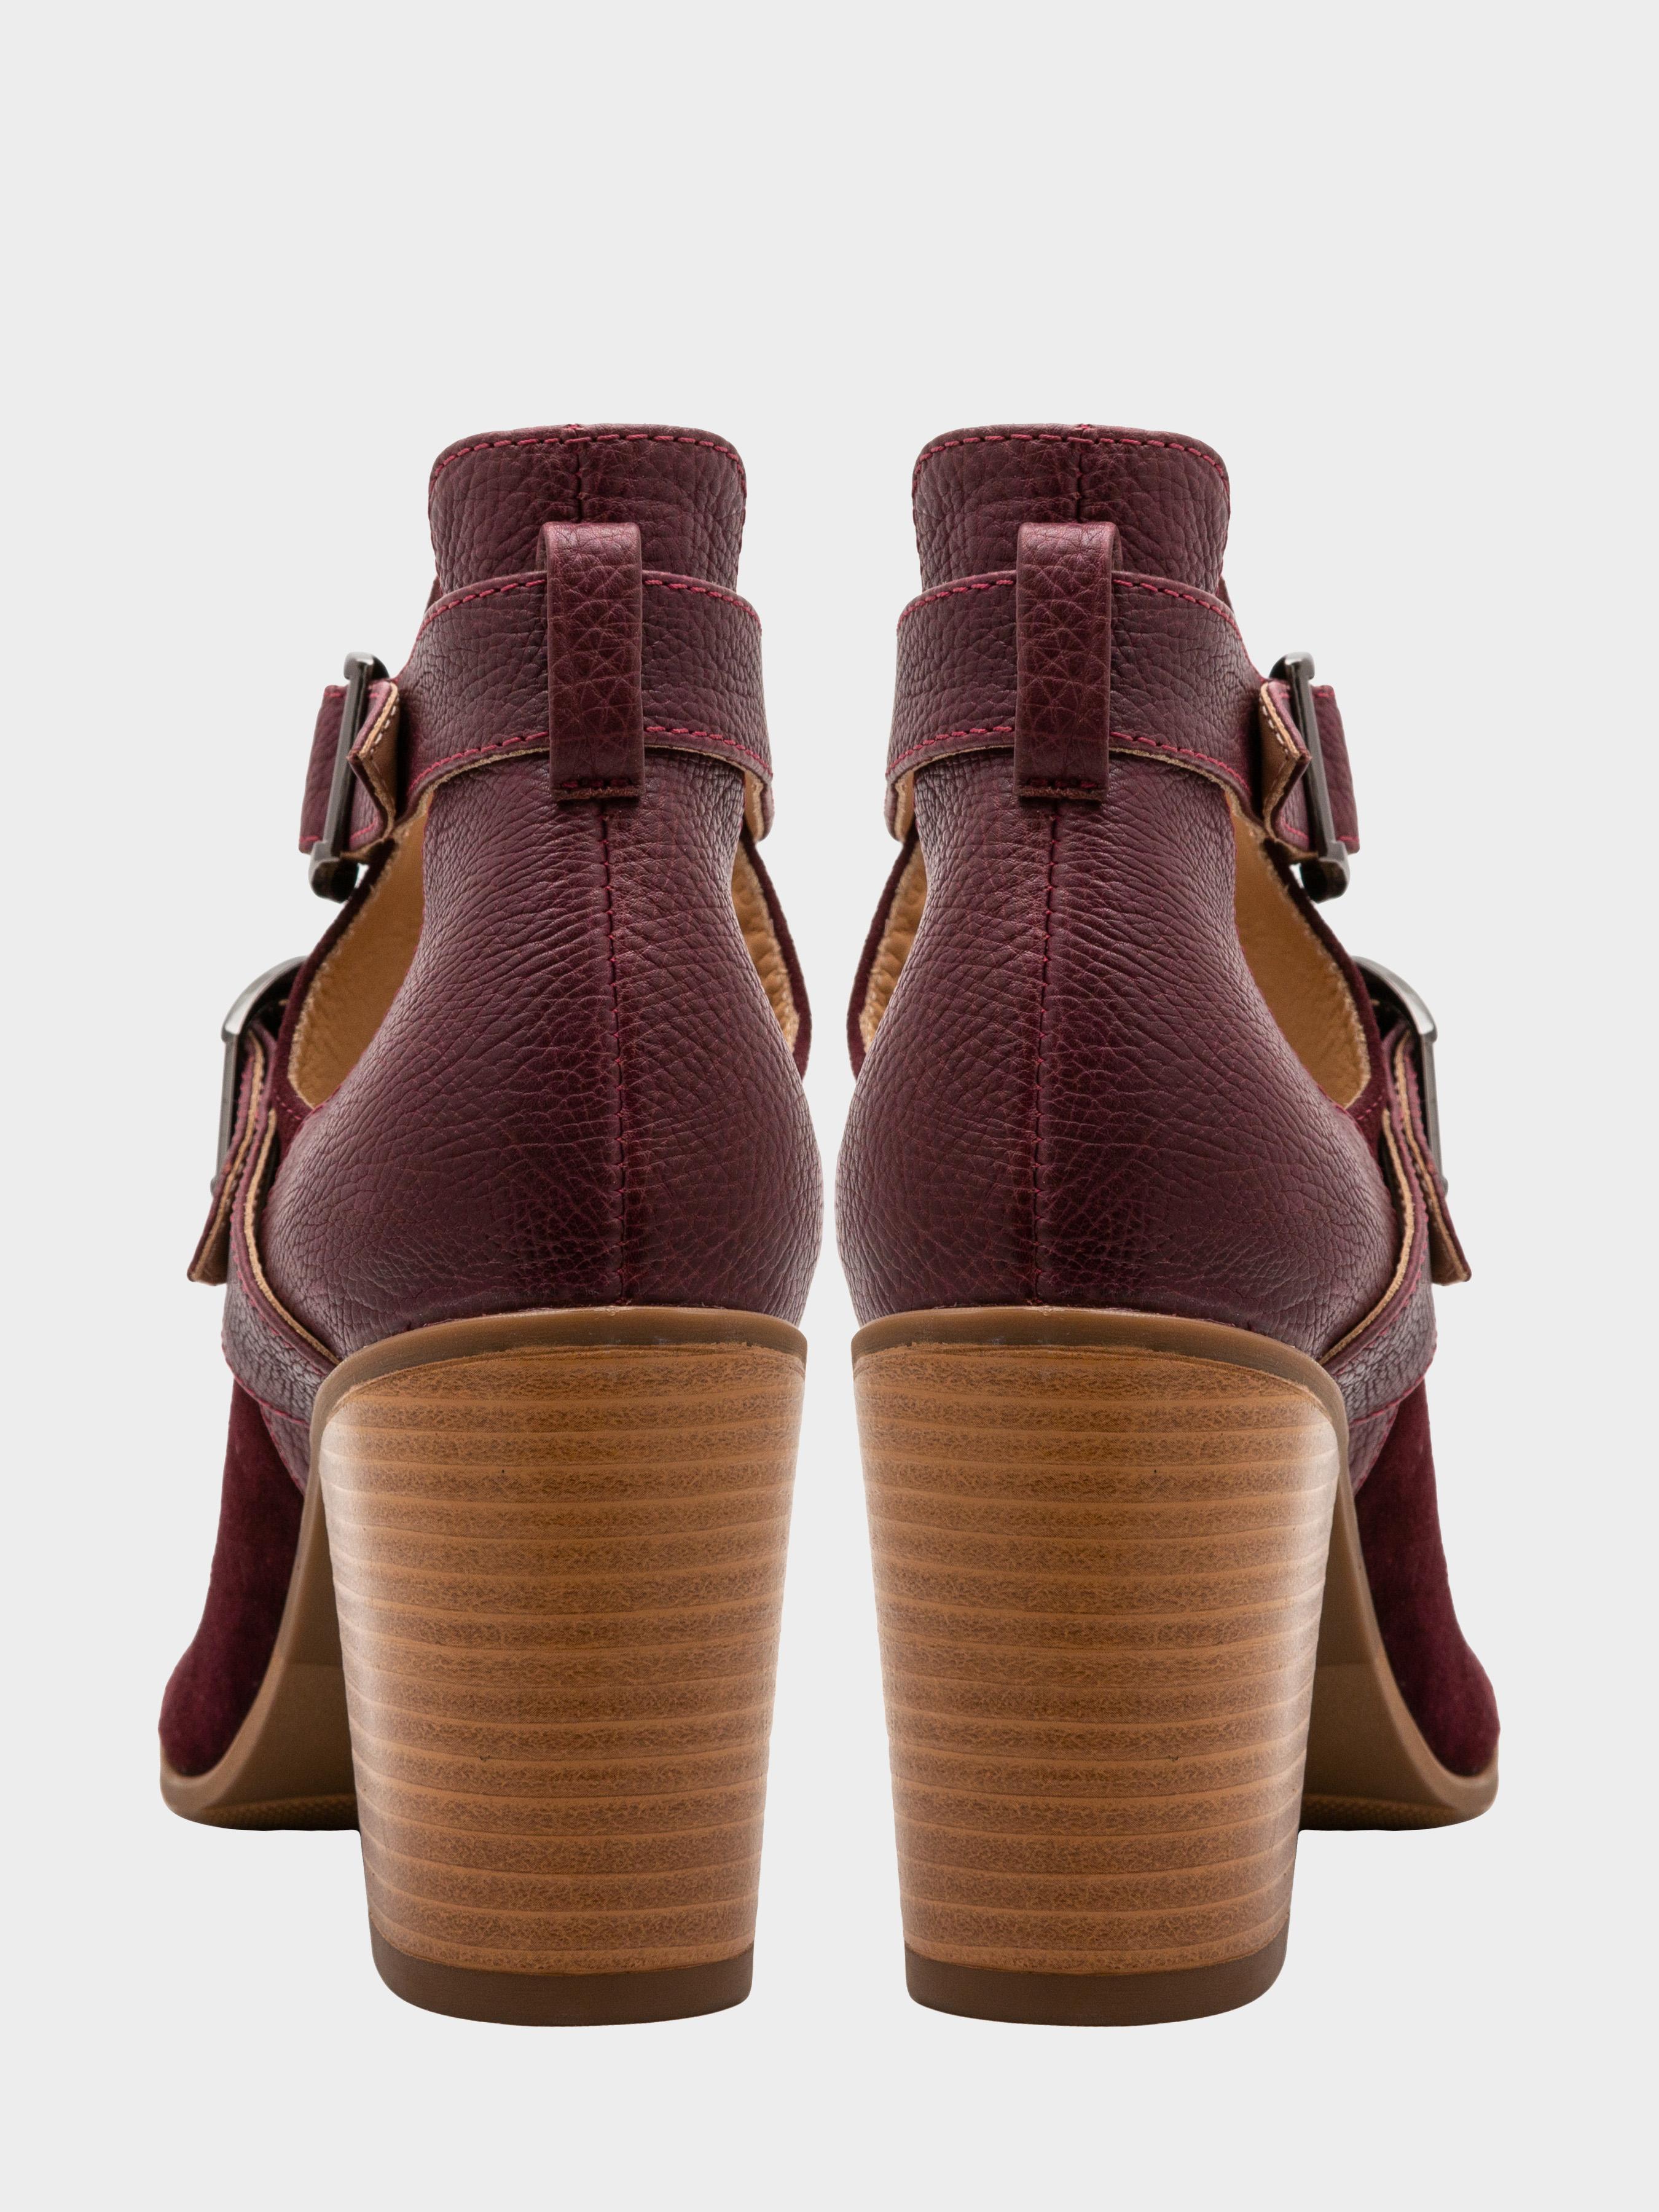 Ботинки для женщин Ботинки женские ENZO VERRATTI 18-18-9695ch выбрать, 2017